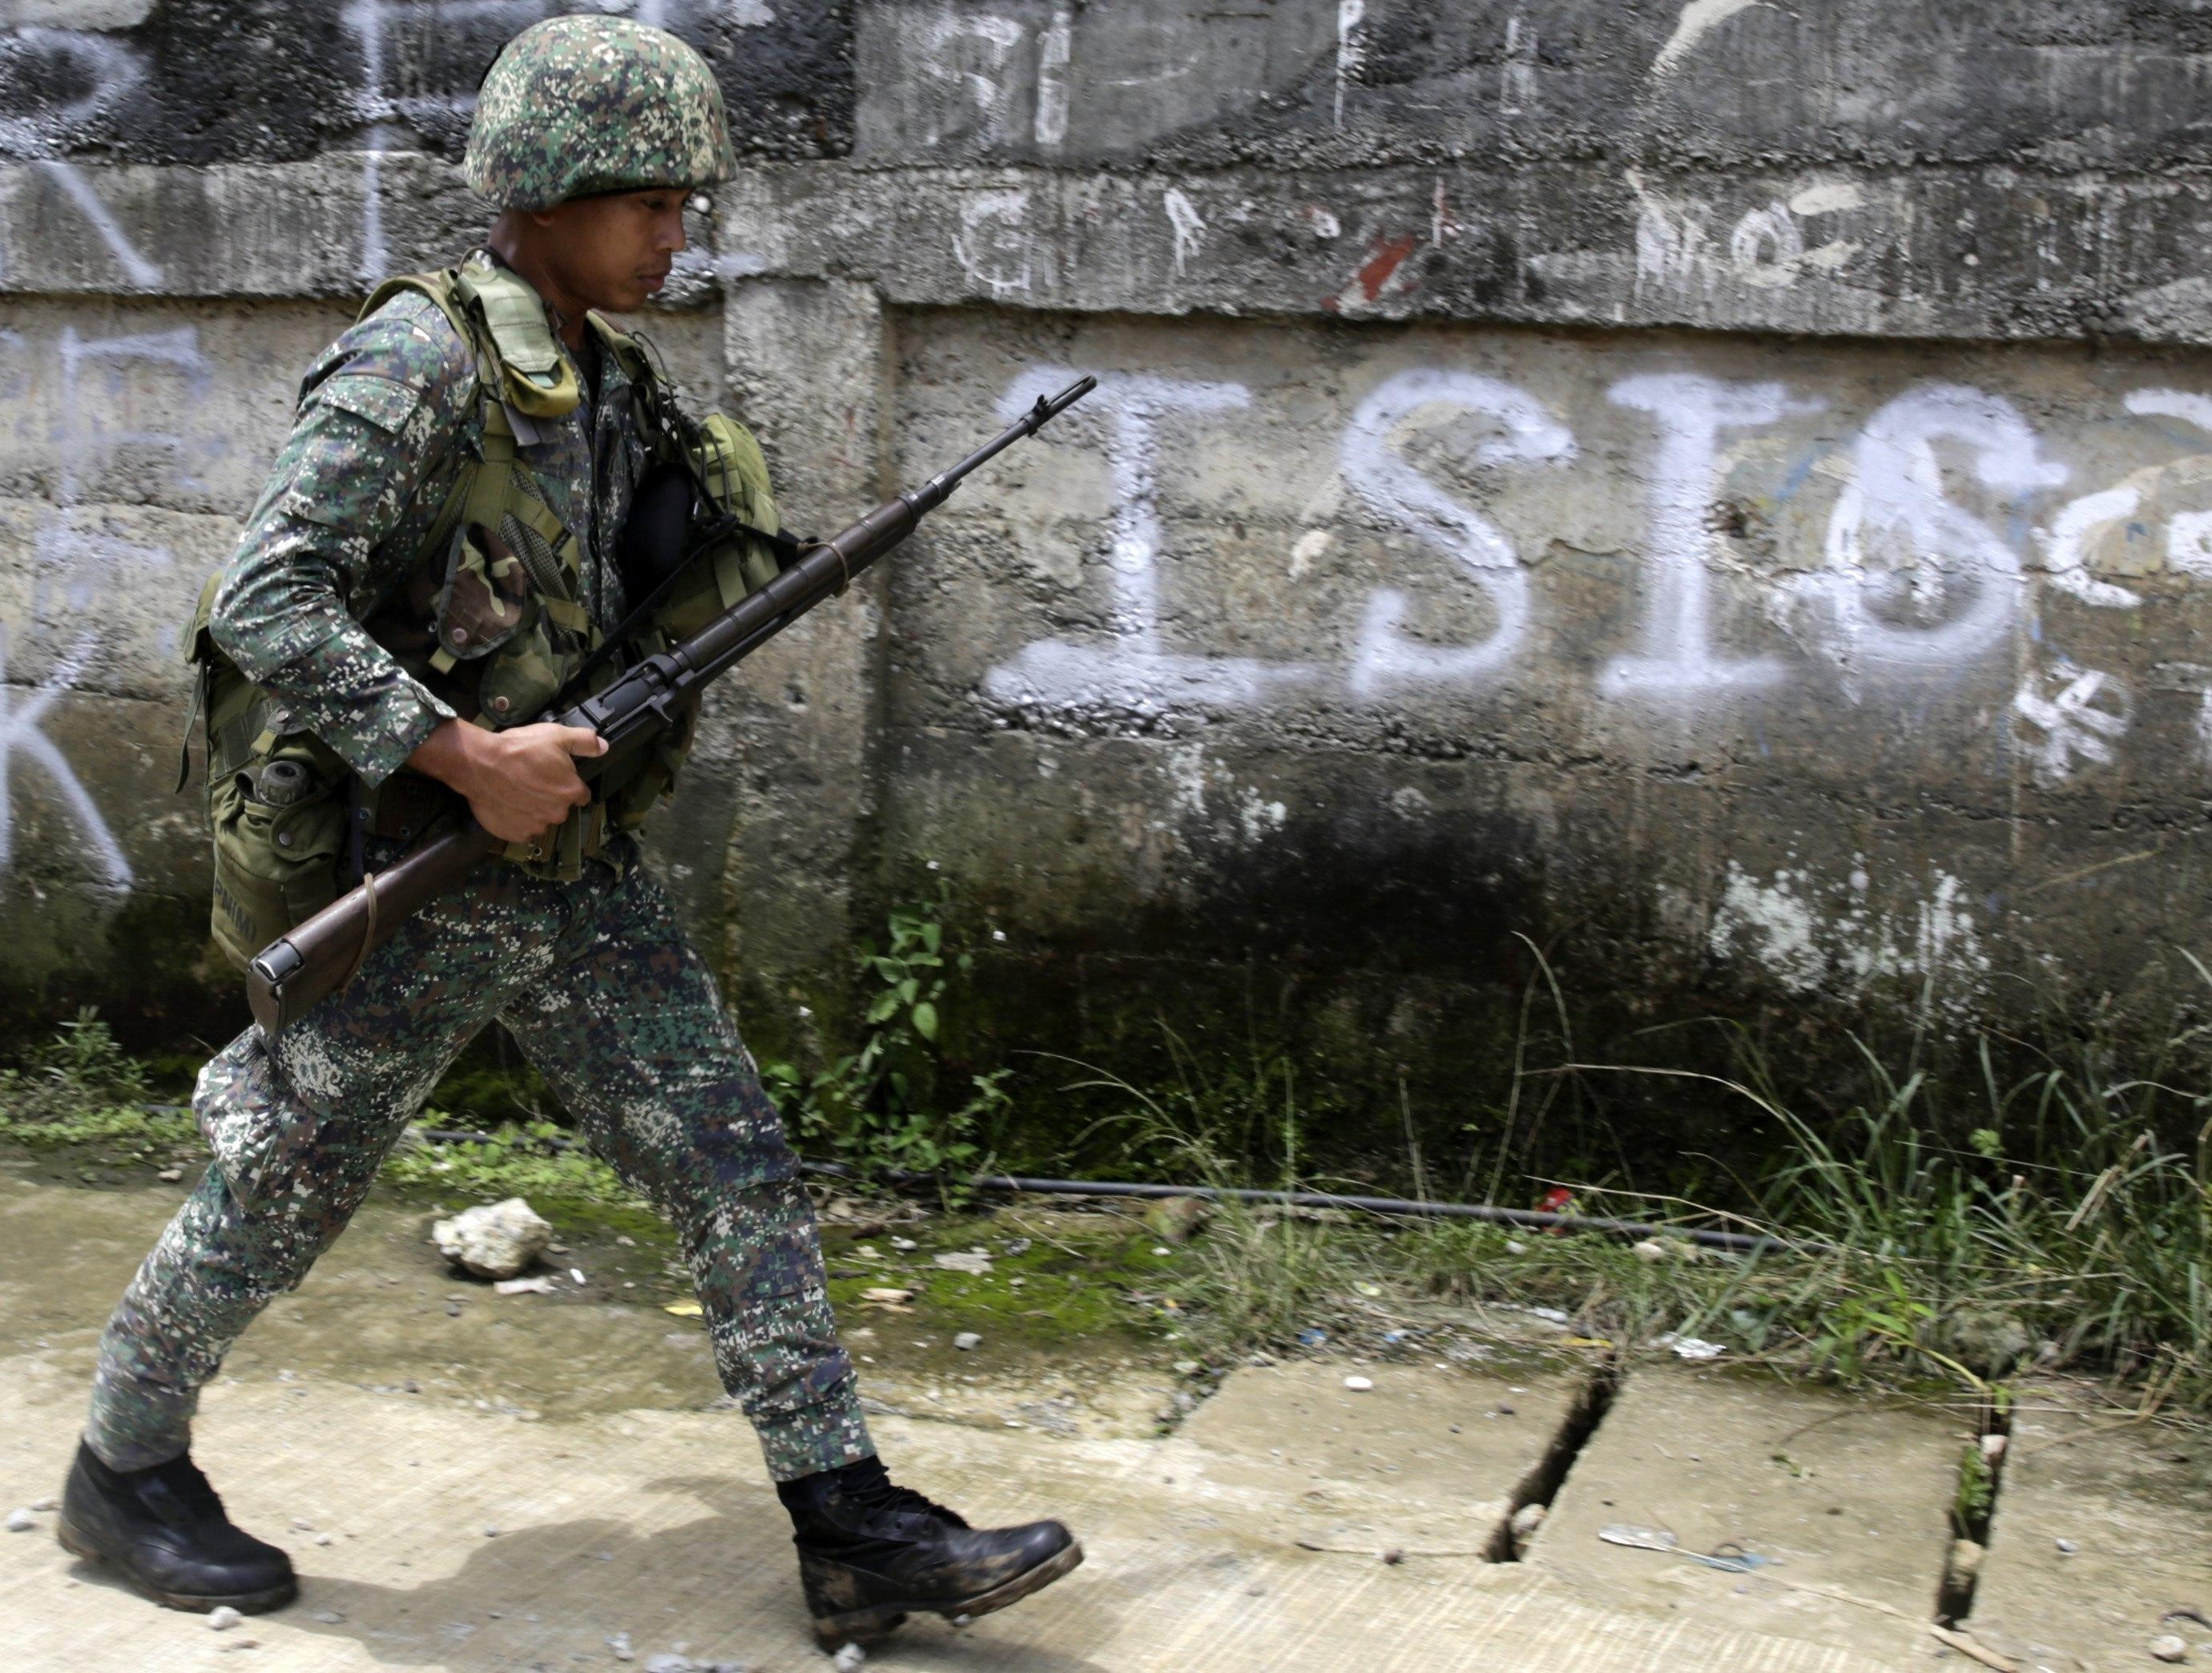 Un soldat filipí patrulla per un barri després d'un bombardeig durant els combats entre grups jihadistes afins a l'Estat Islàmic (EI) i l'Exèrcit a la ciutat de Marawi, Filipines. /FRANCIS R. MALASIG